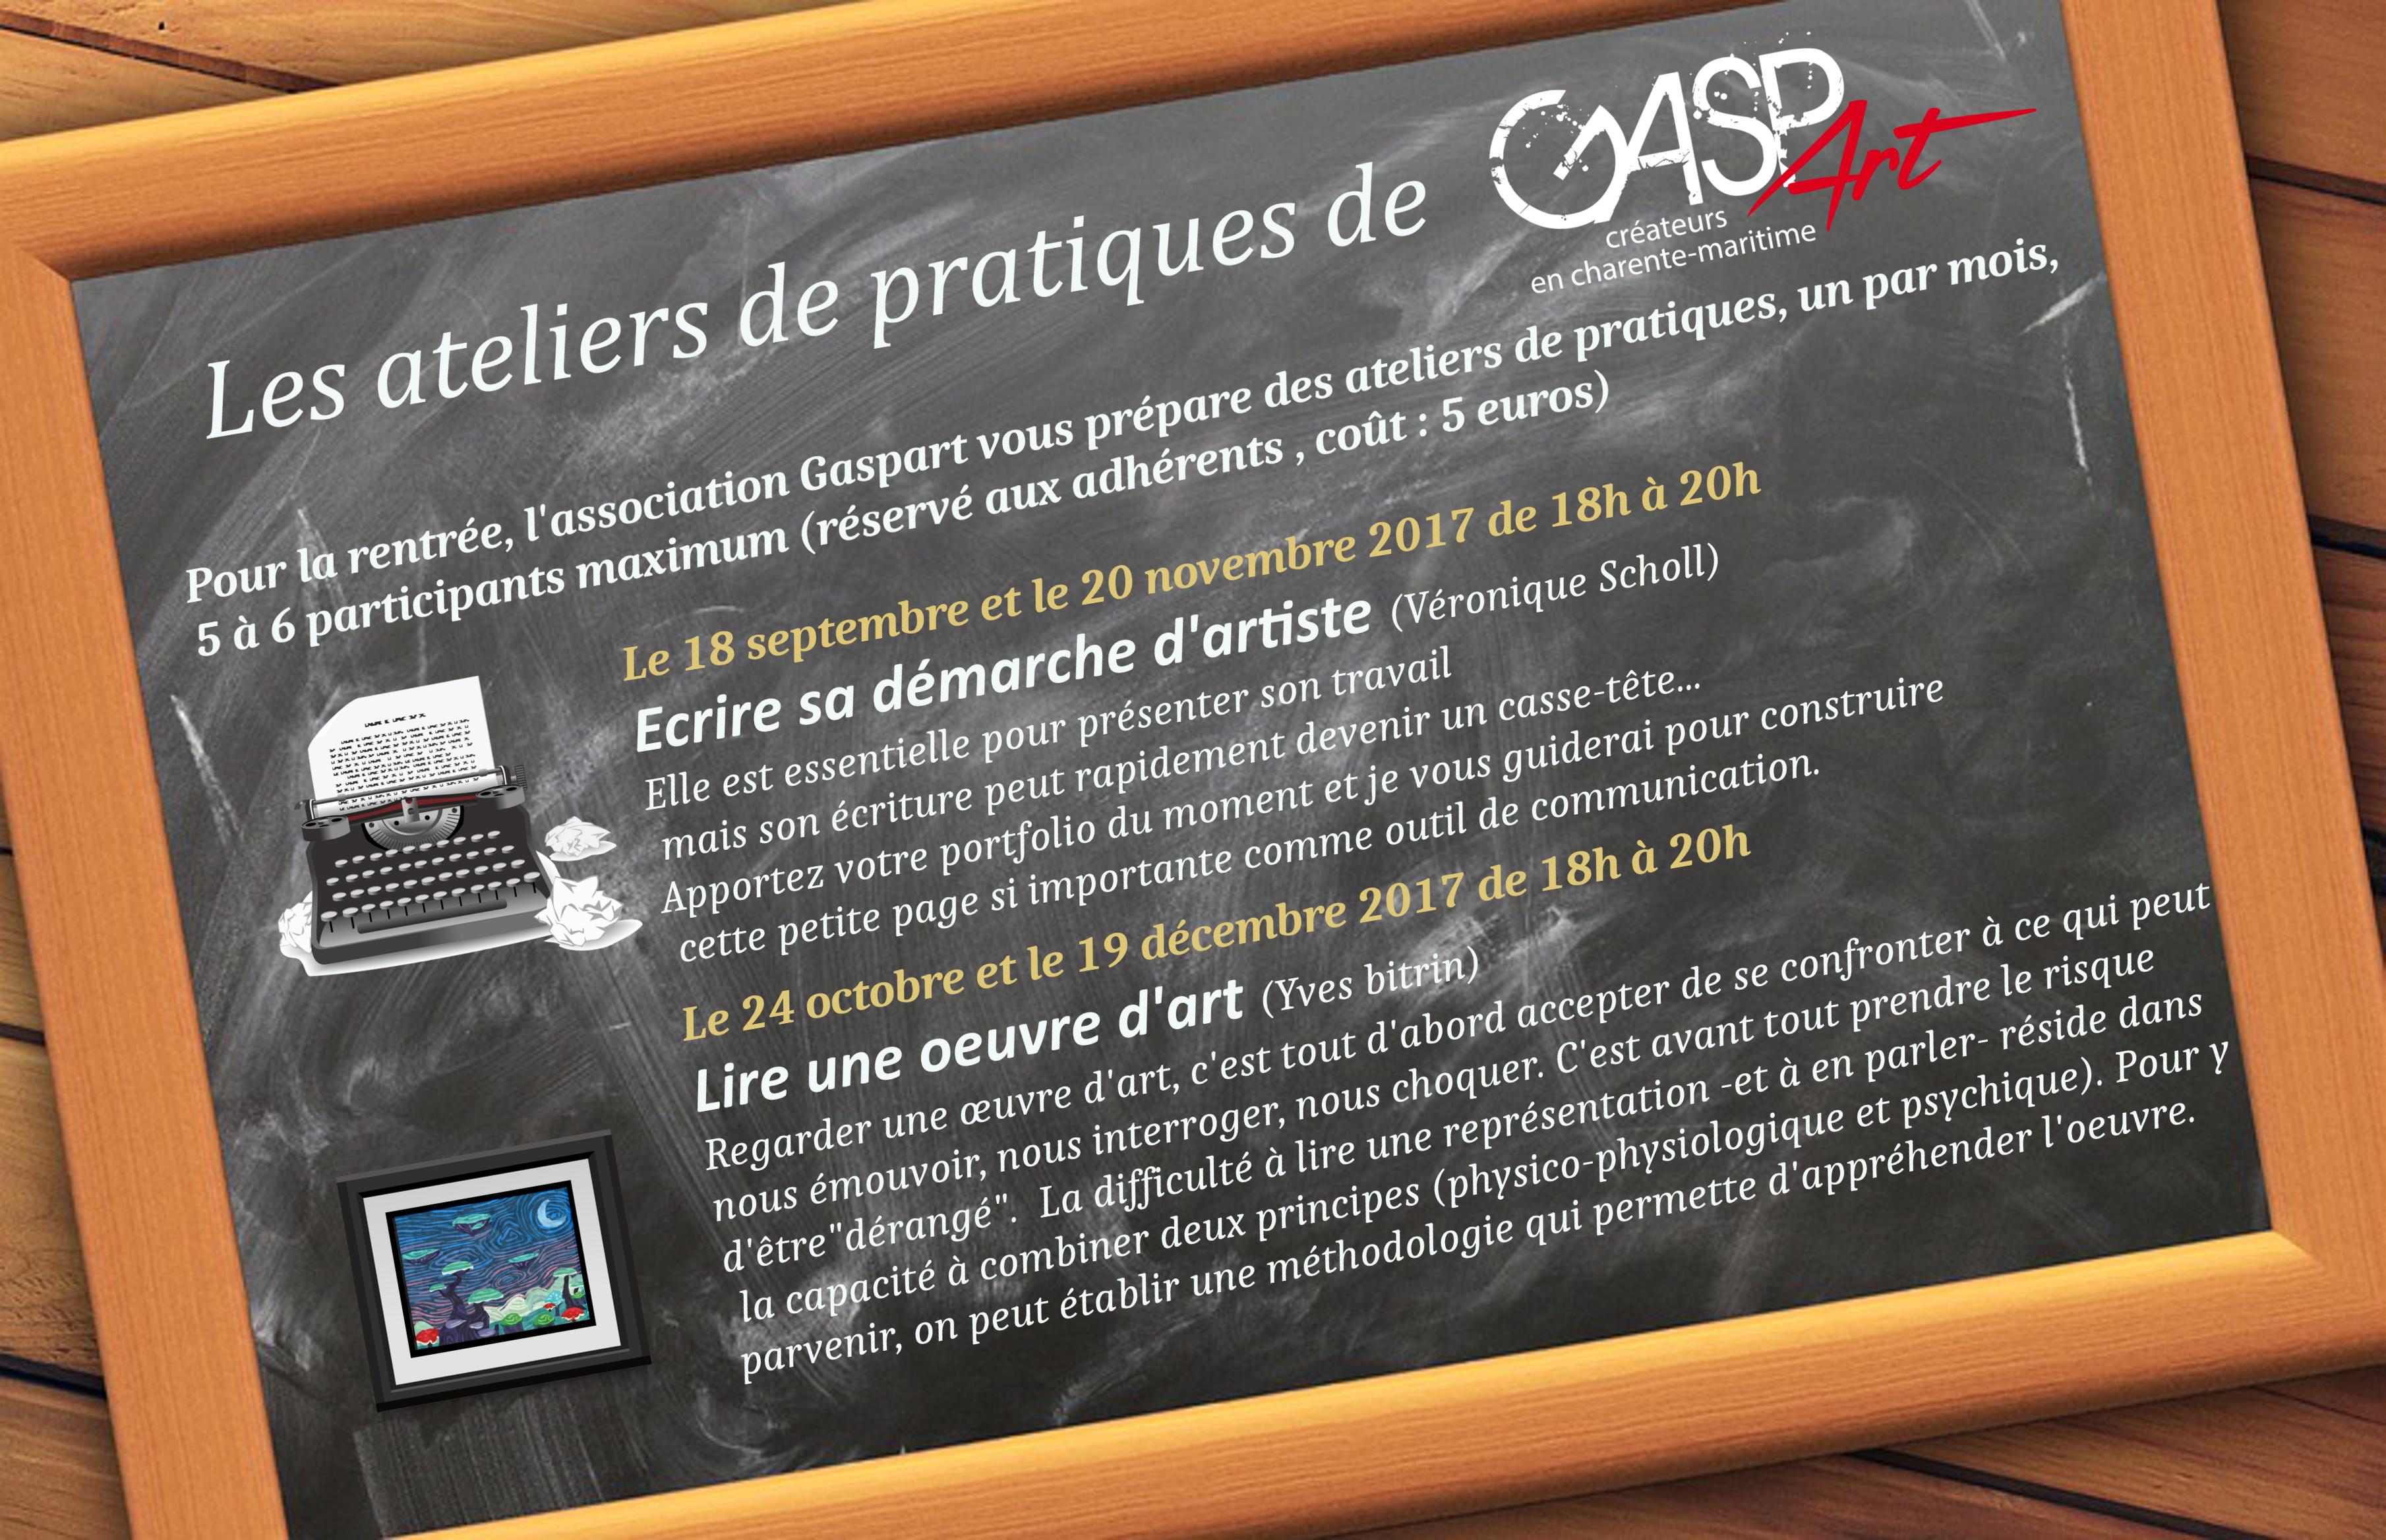 Ateliers pratiques Gaspart